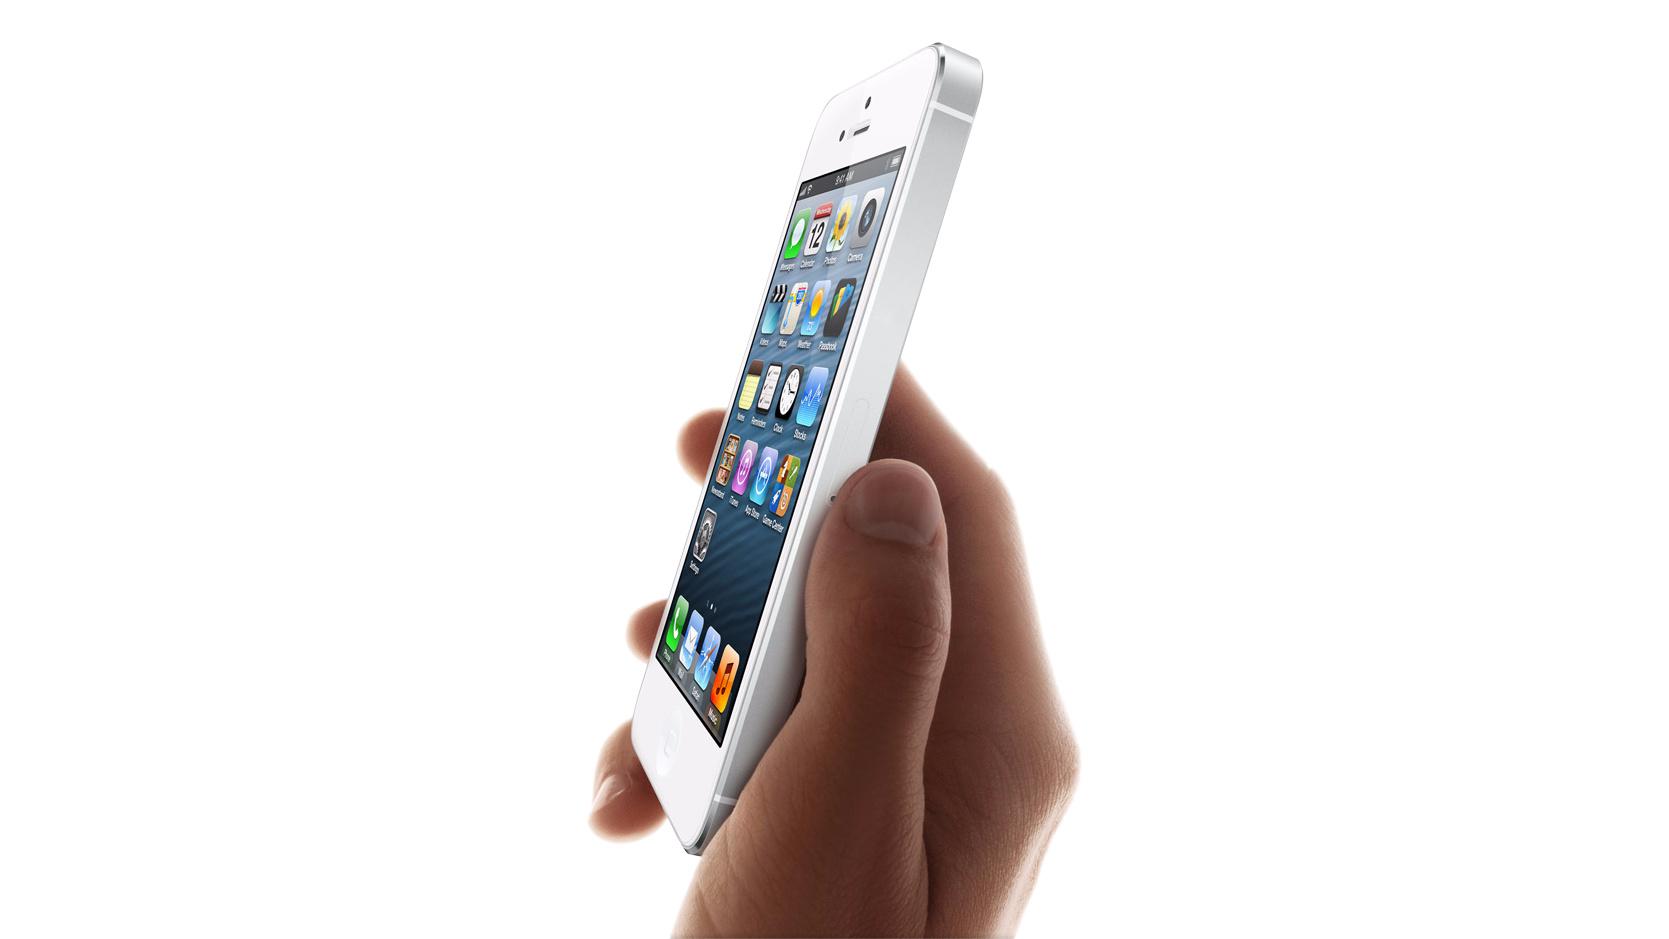 Das iPhone 5 war besonders dünn und leicht